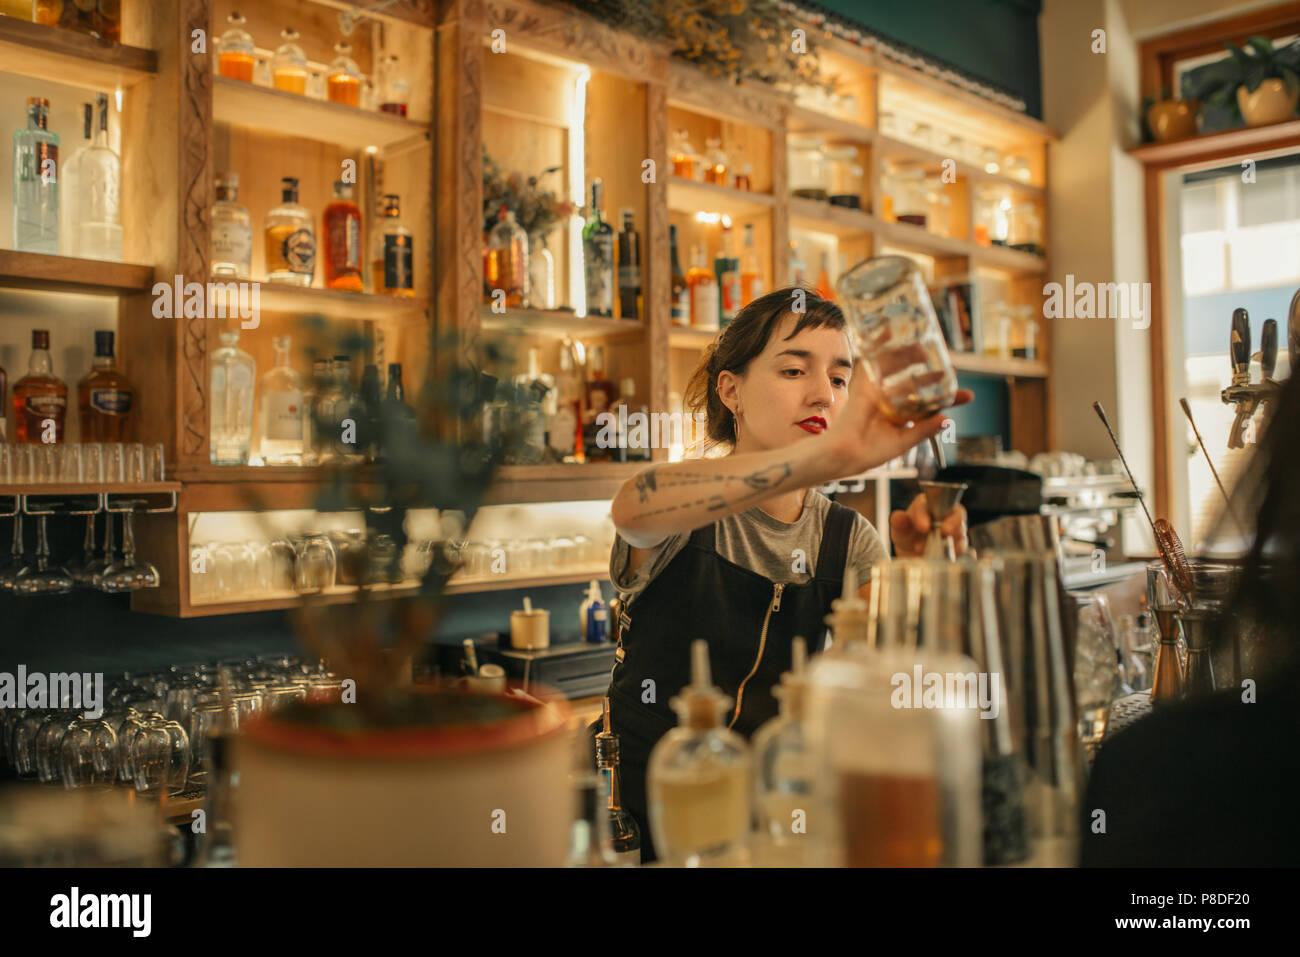 Las hembras jóvenes barman vertiendo cócteles detrás de un mostrador de bar Imagen De Stock